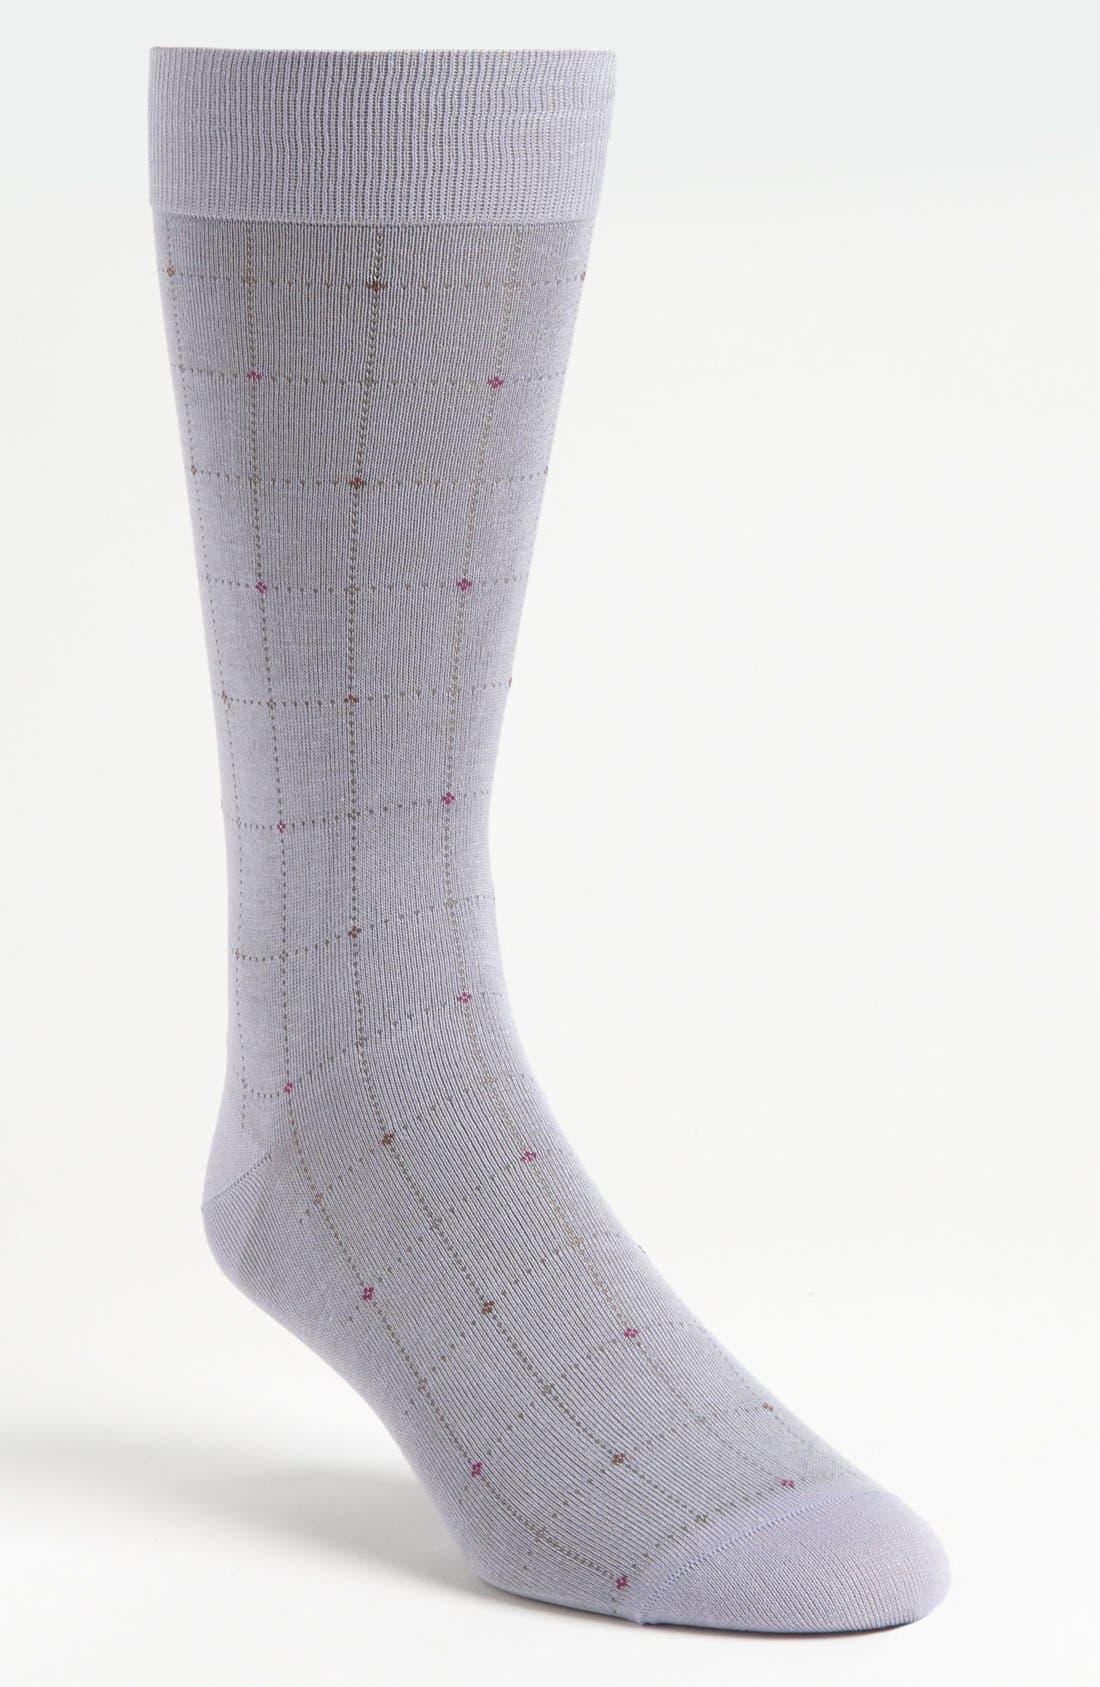 Main Image - Pantherella 'Pall Mall' Socks